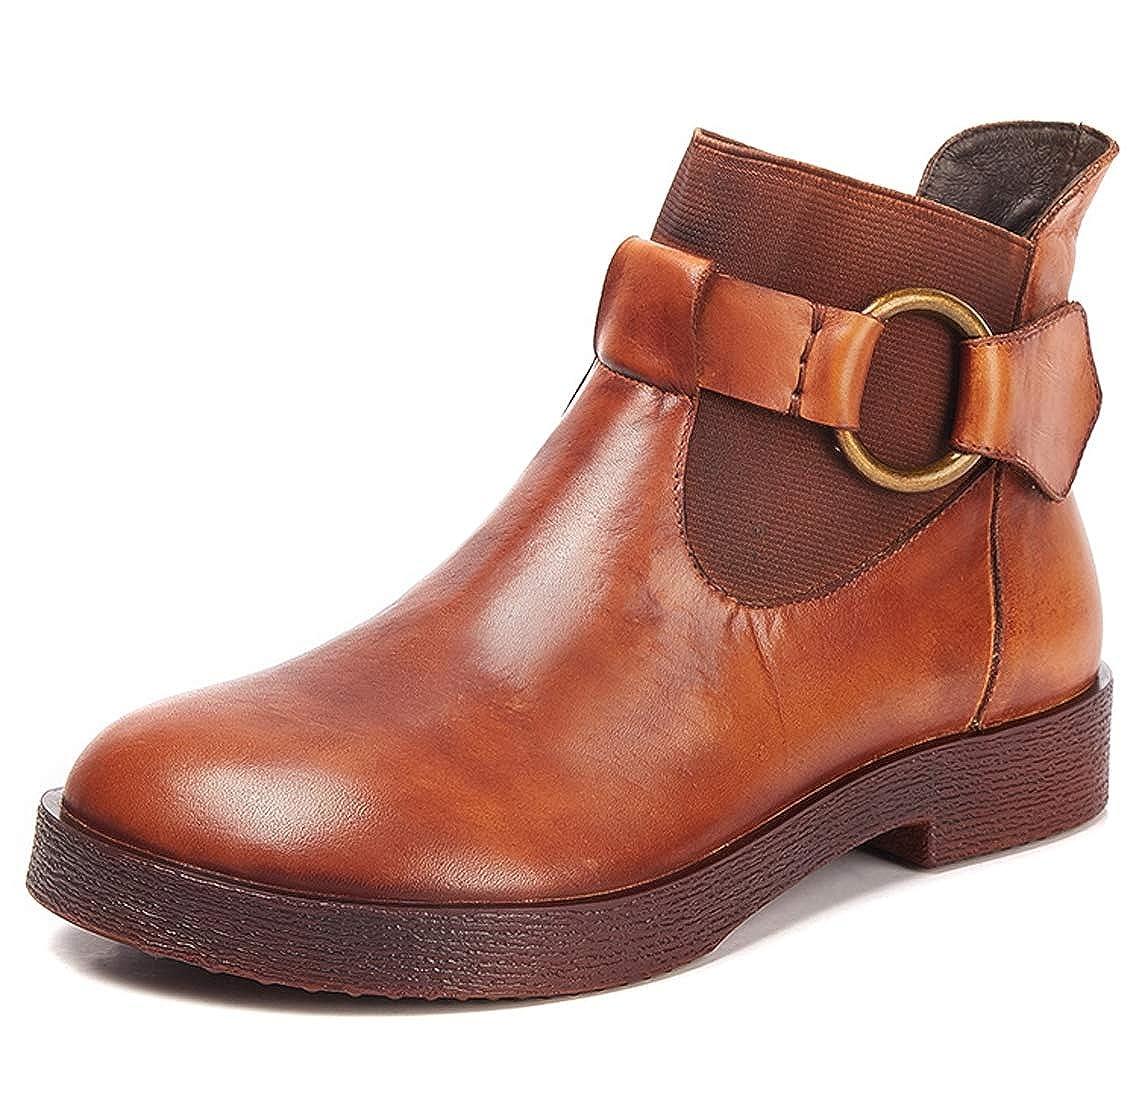 SERAPH Donne retrograve; Chelsea stivali pelle tondo velcro WT185-2 autunno stivaletti tacco basso WT185-2 velcro Lightbrown 1de32e